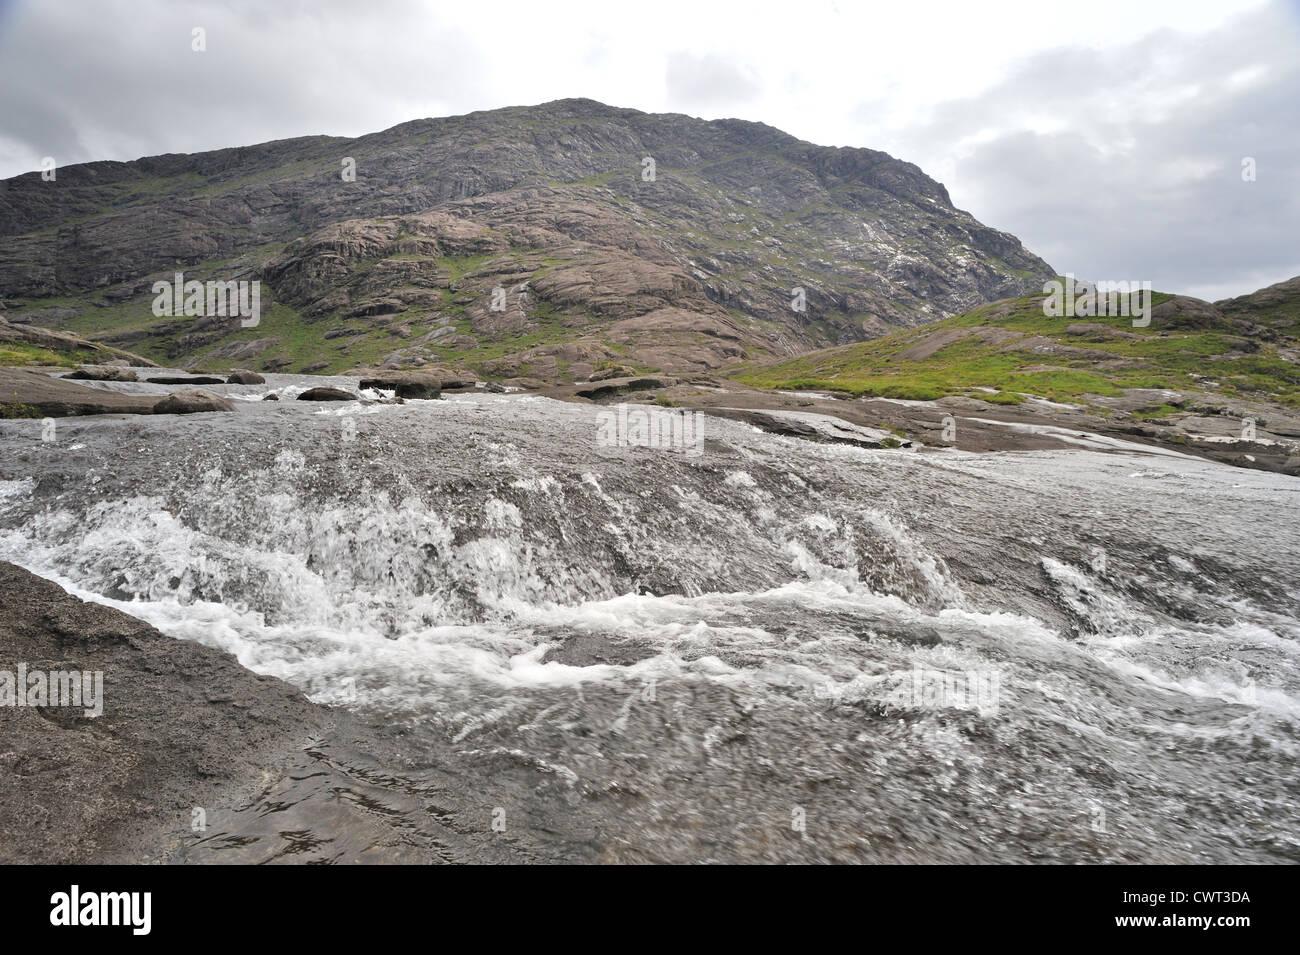 Schnell fließenden Fluss rinnt aus Bergen Stockbild